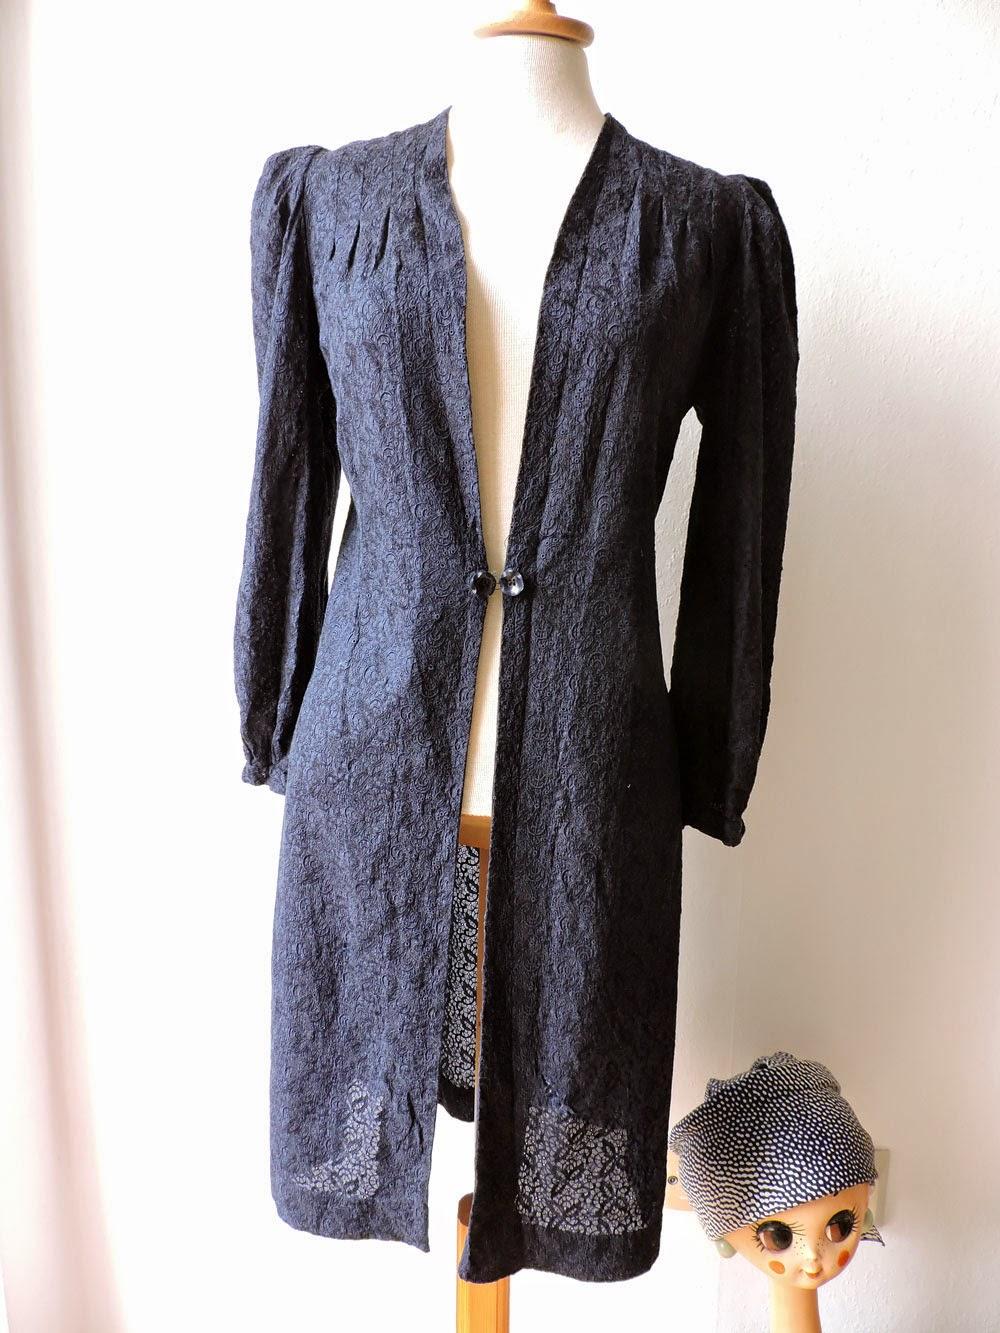 http://www.ebay.de/itm/Mantel-True-Vintage-30er-Spitze-Kleid-Gr-36-Blau-40er-Kleid-/161612768546?pt=DE_Vintage_Mode_f%C3%BCr_Damen&hash=item25a0df2522